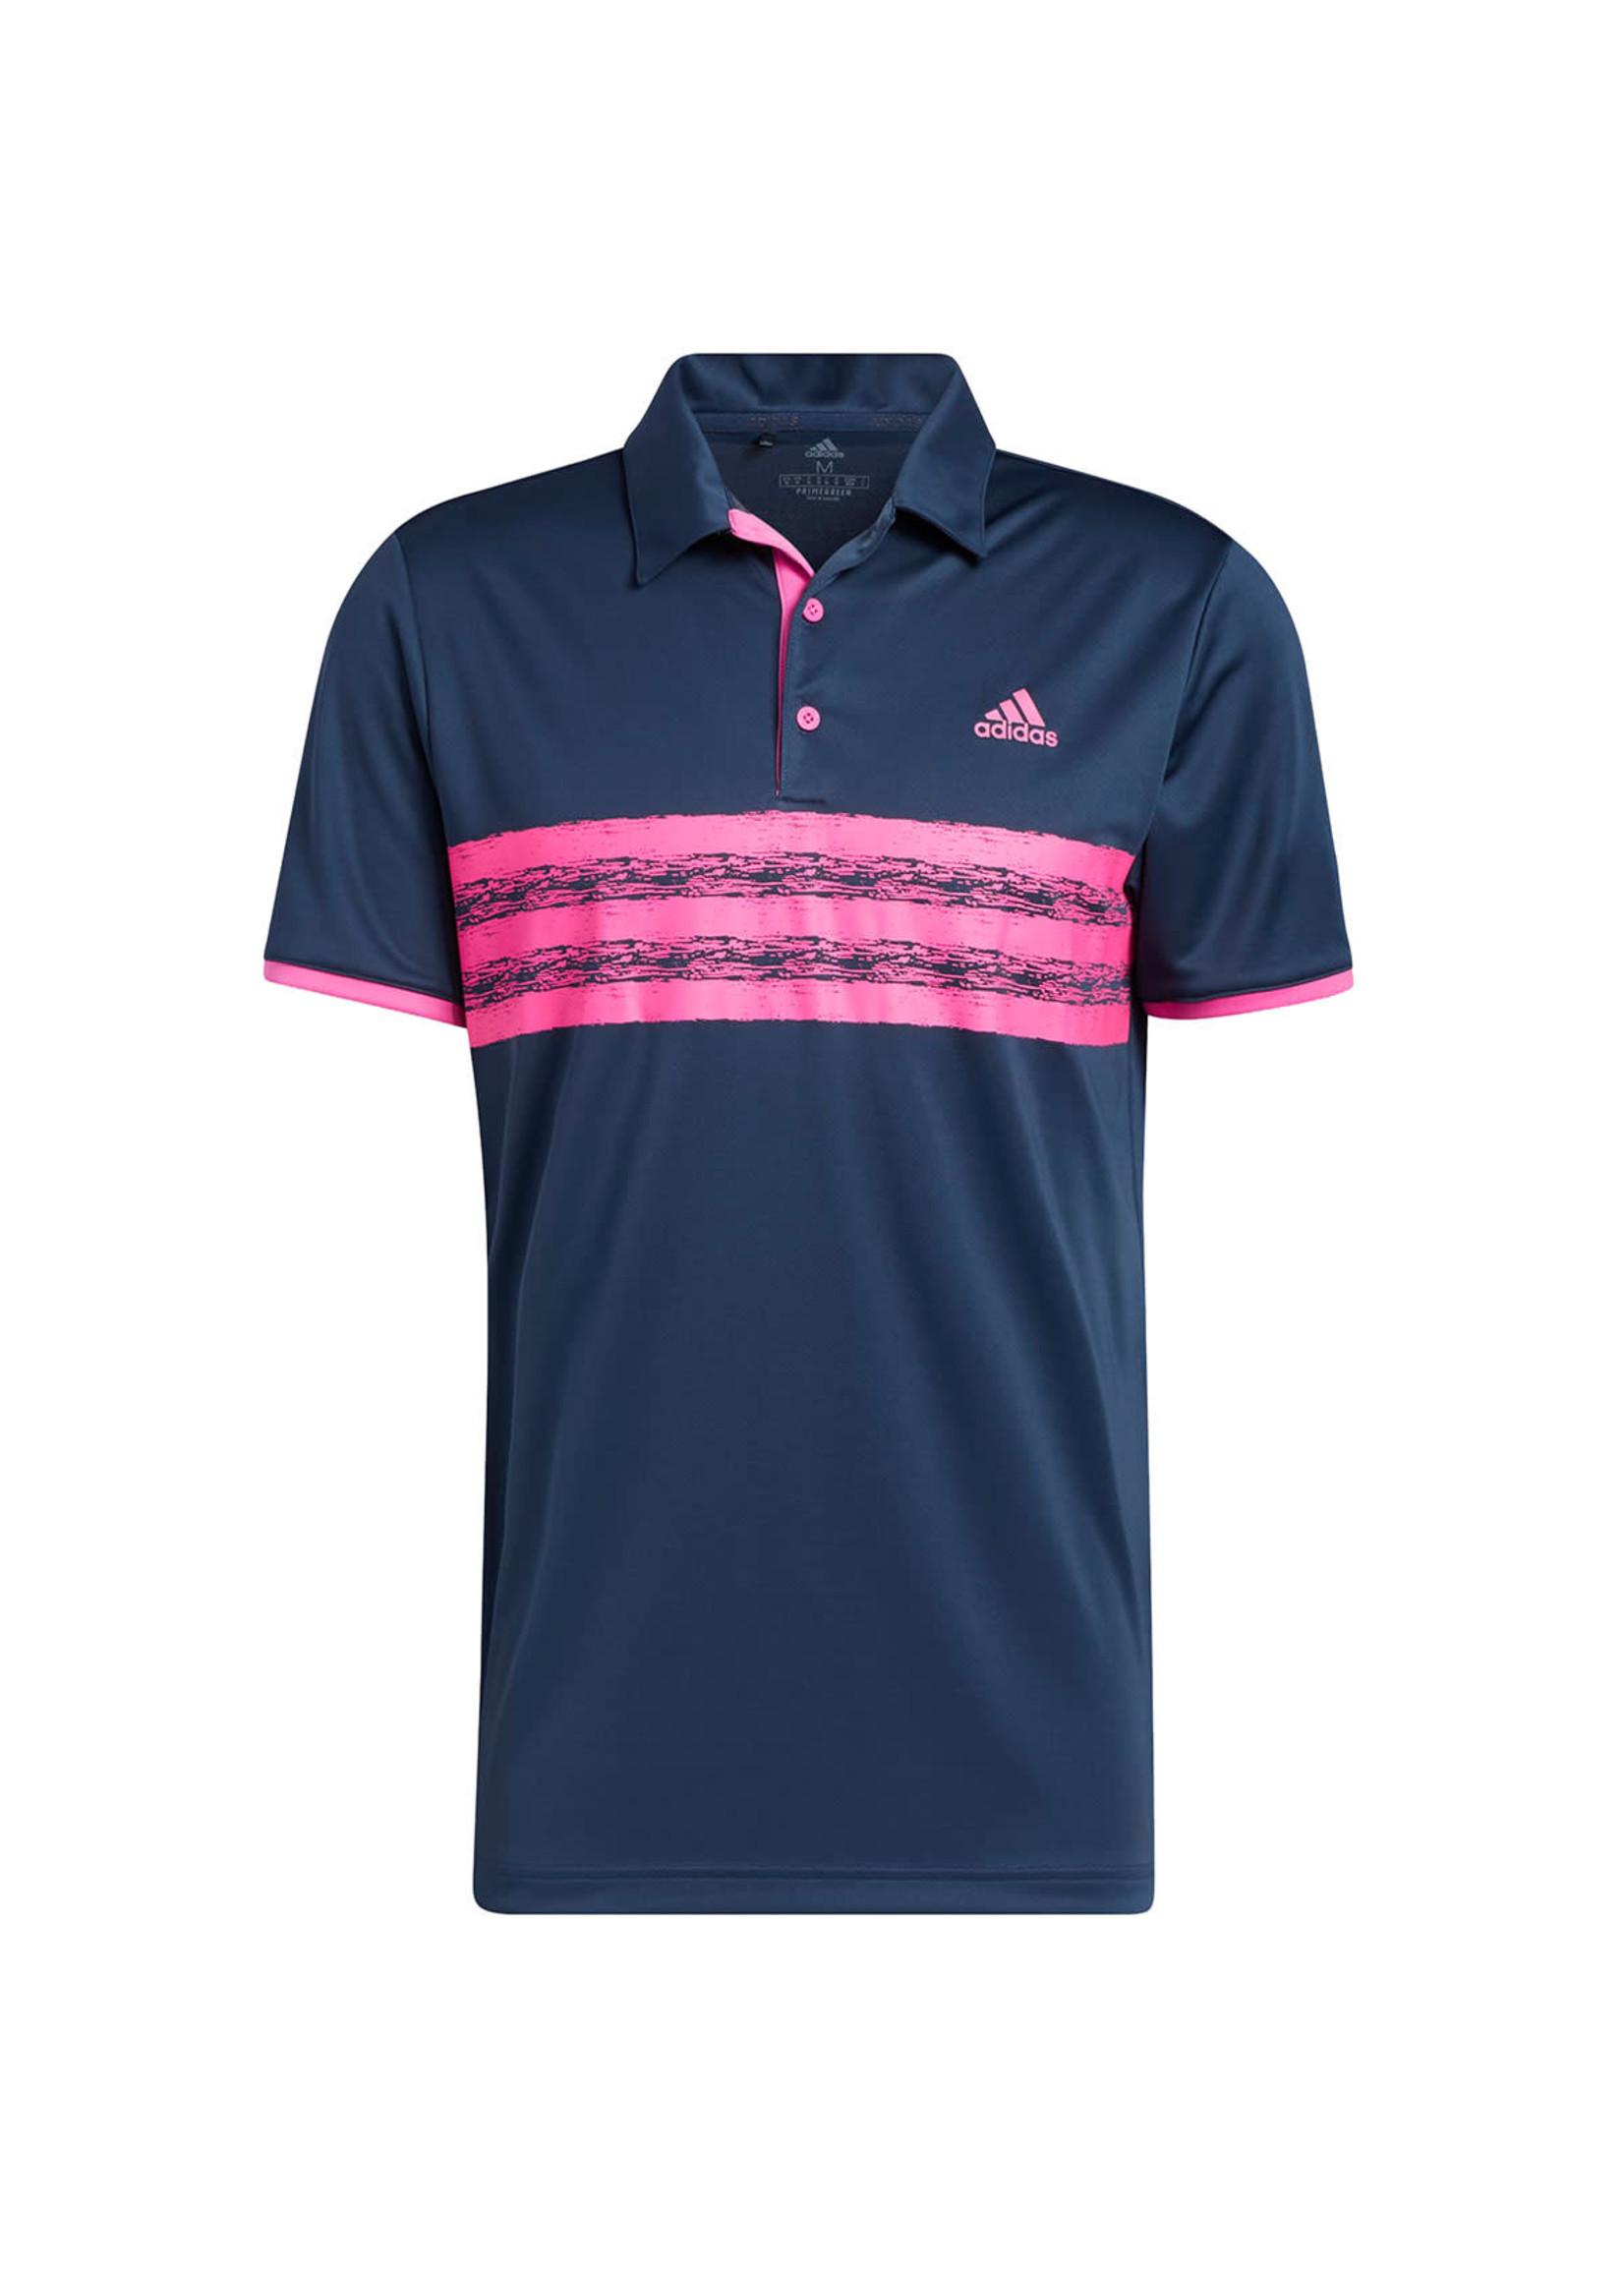 Adidas Adidas Mens Core Golf Polo Shirt, Navy/Pink, (2021)